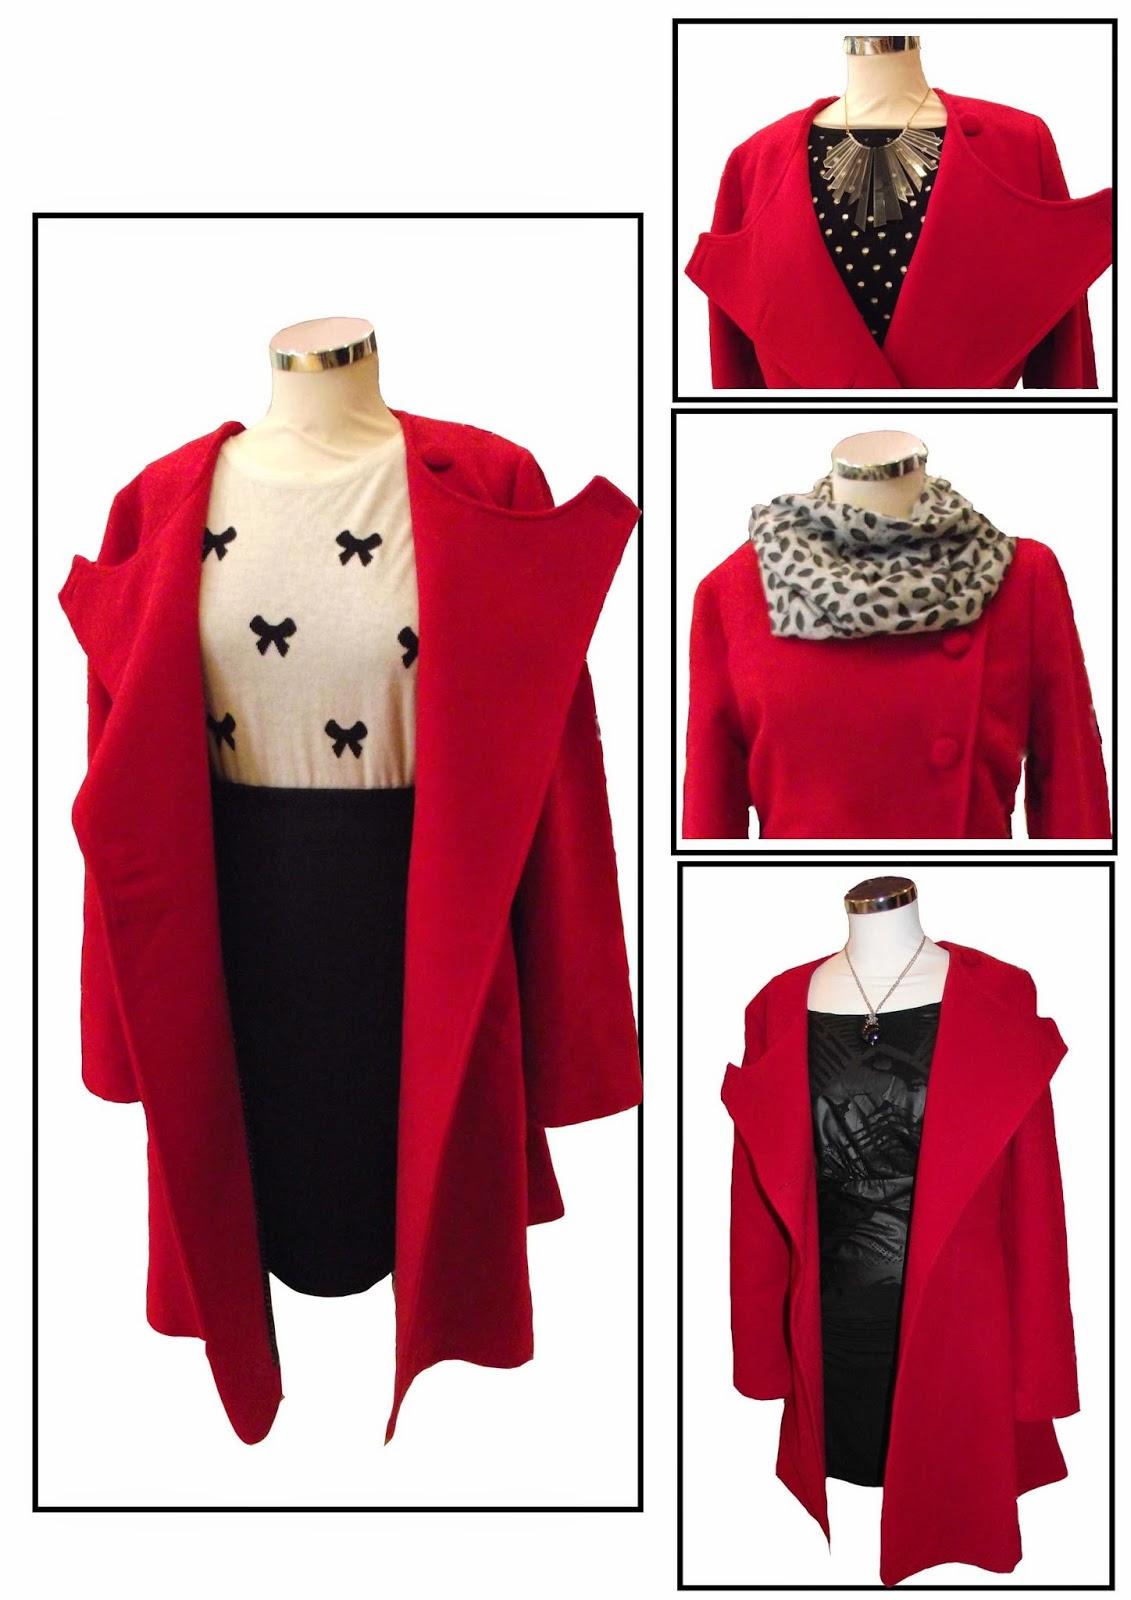 Style 3 - Looks for Kling Gauguin coat